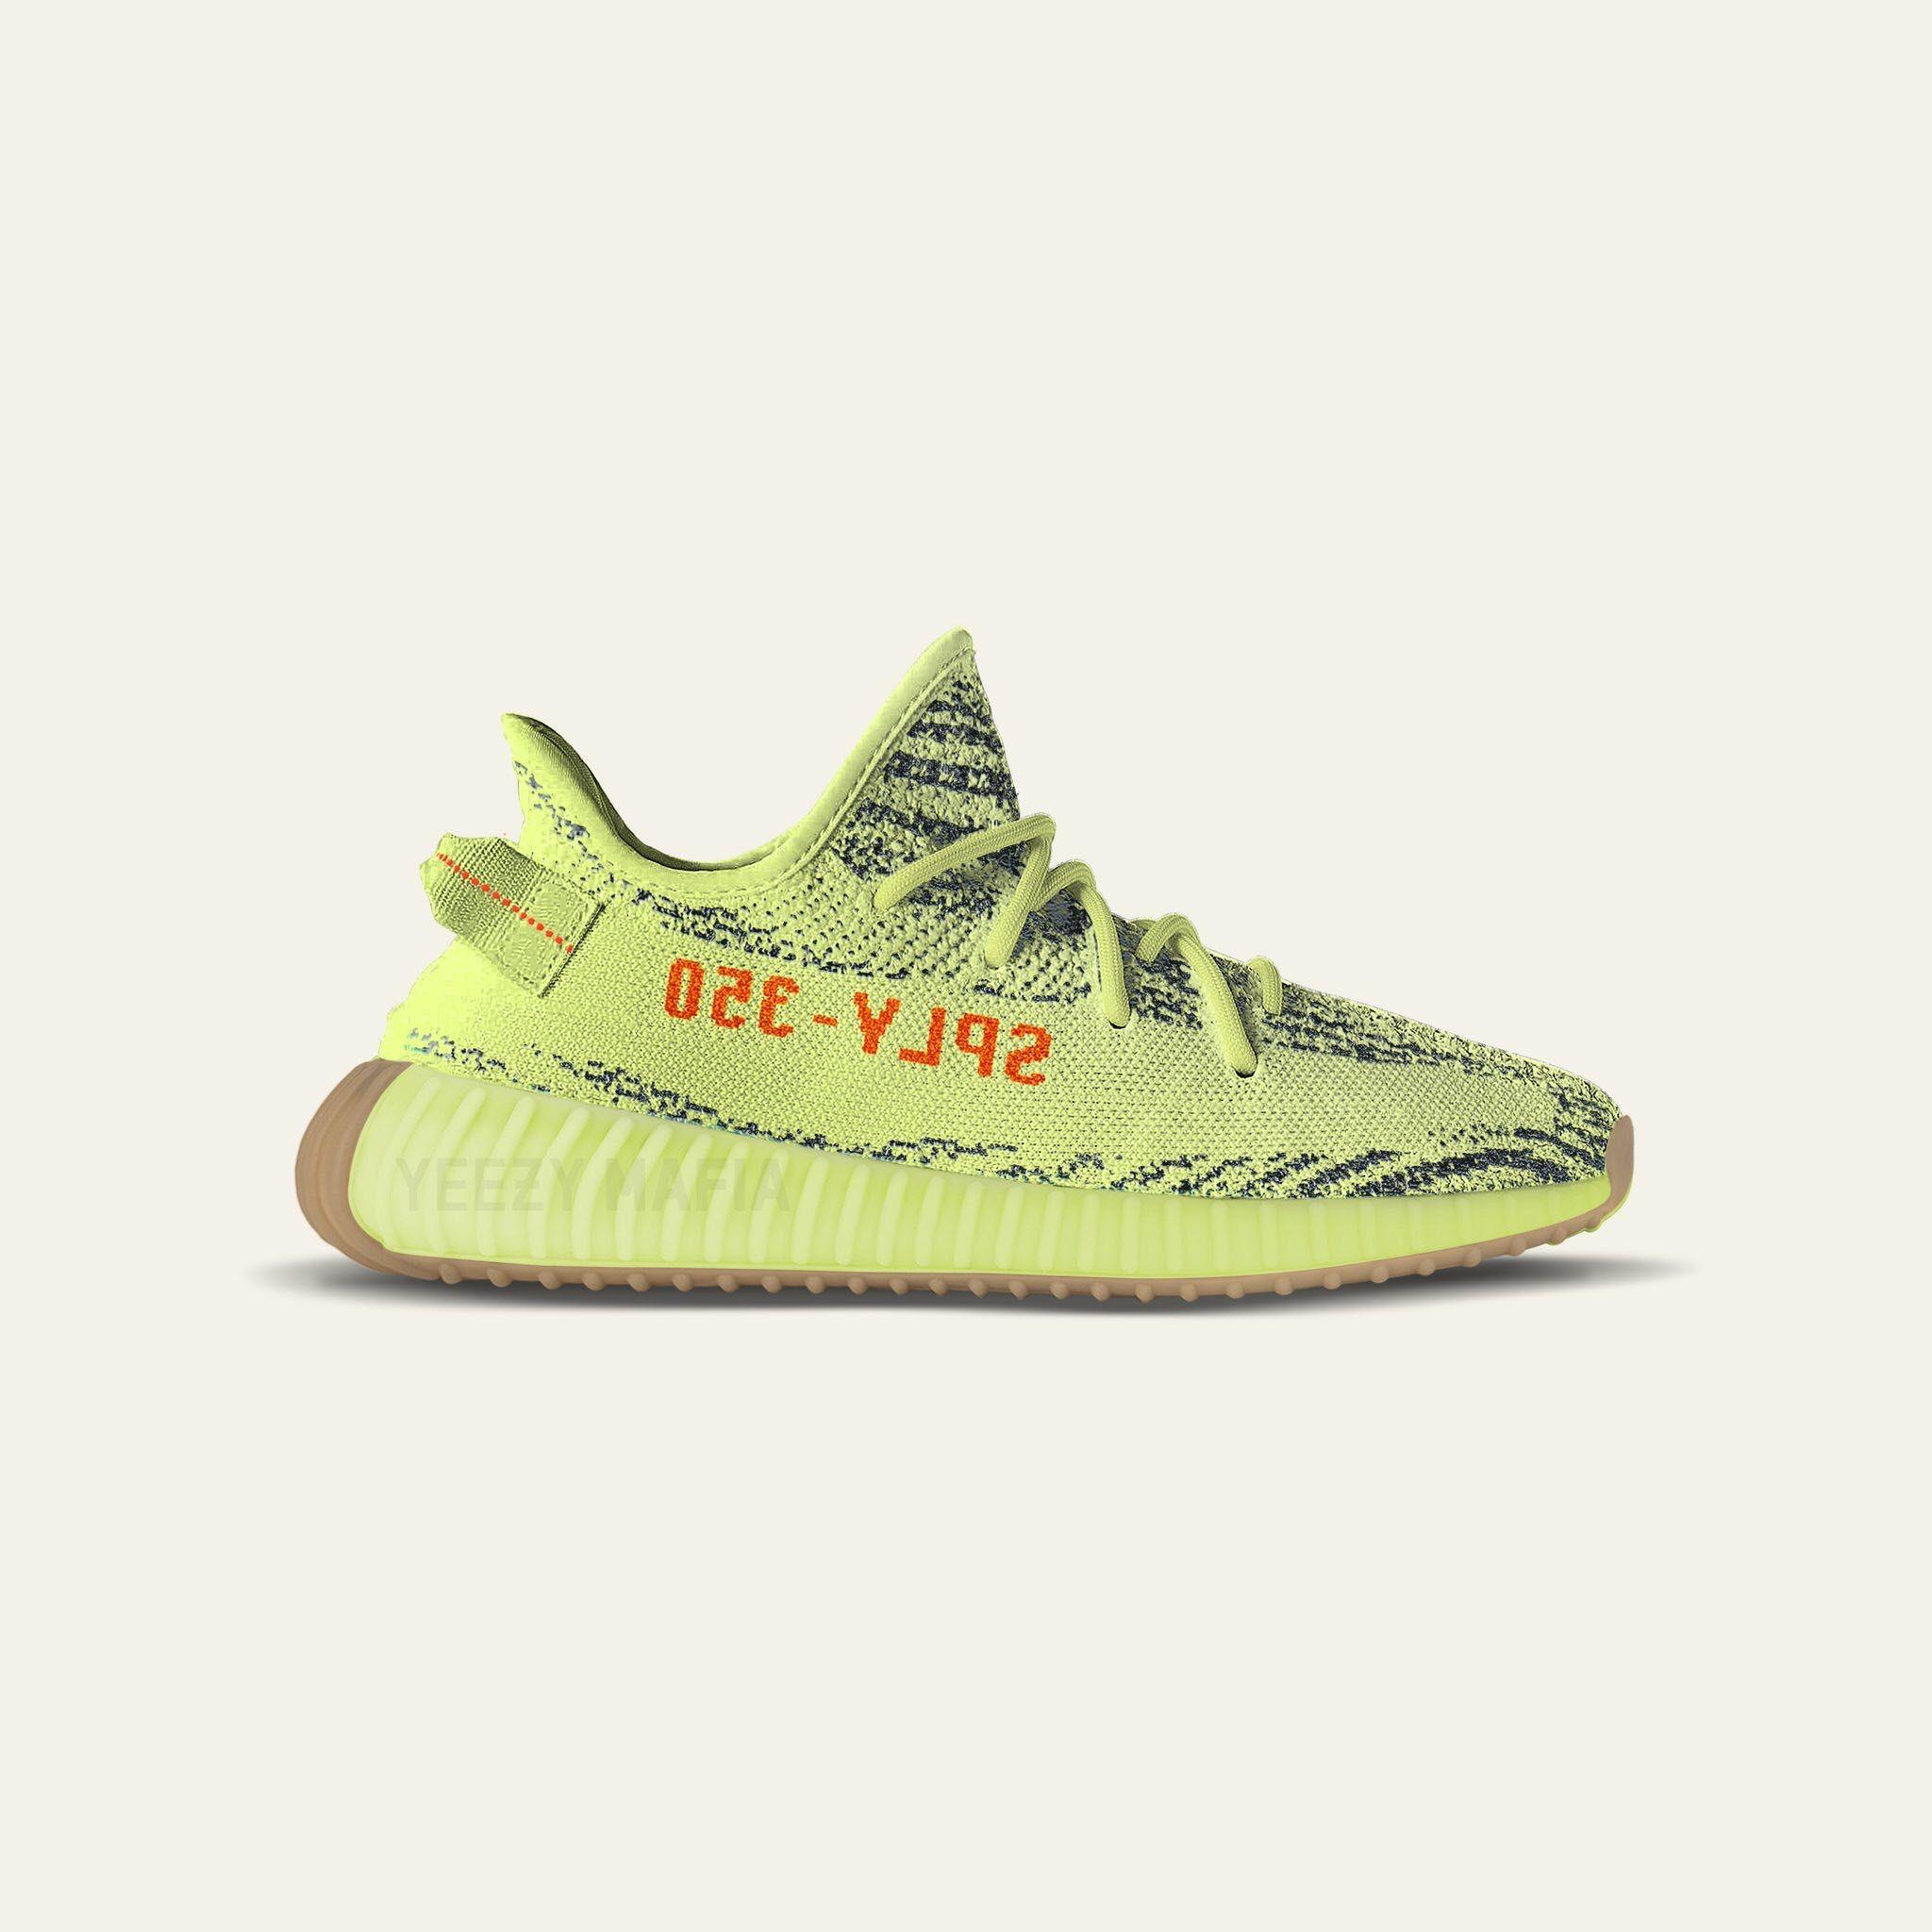 Yeezy, Adidas yeezy boost, Adidas yeezy